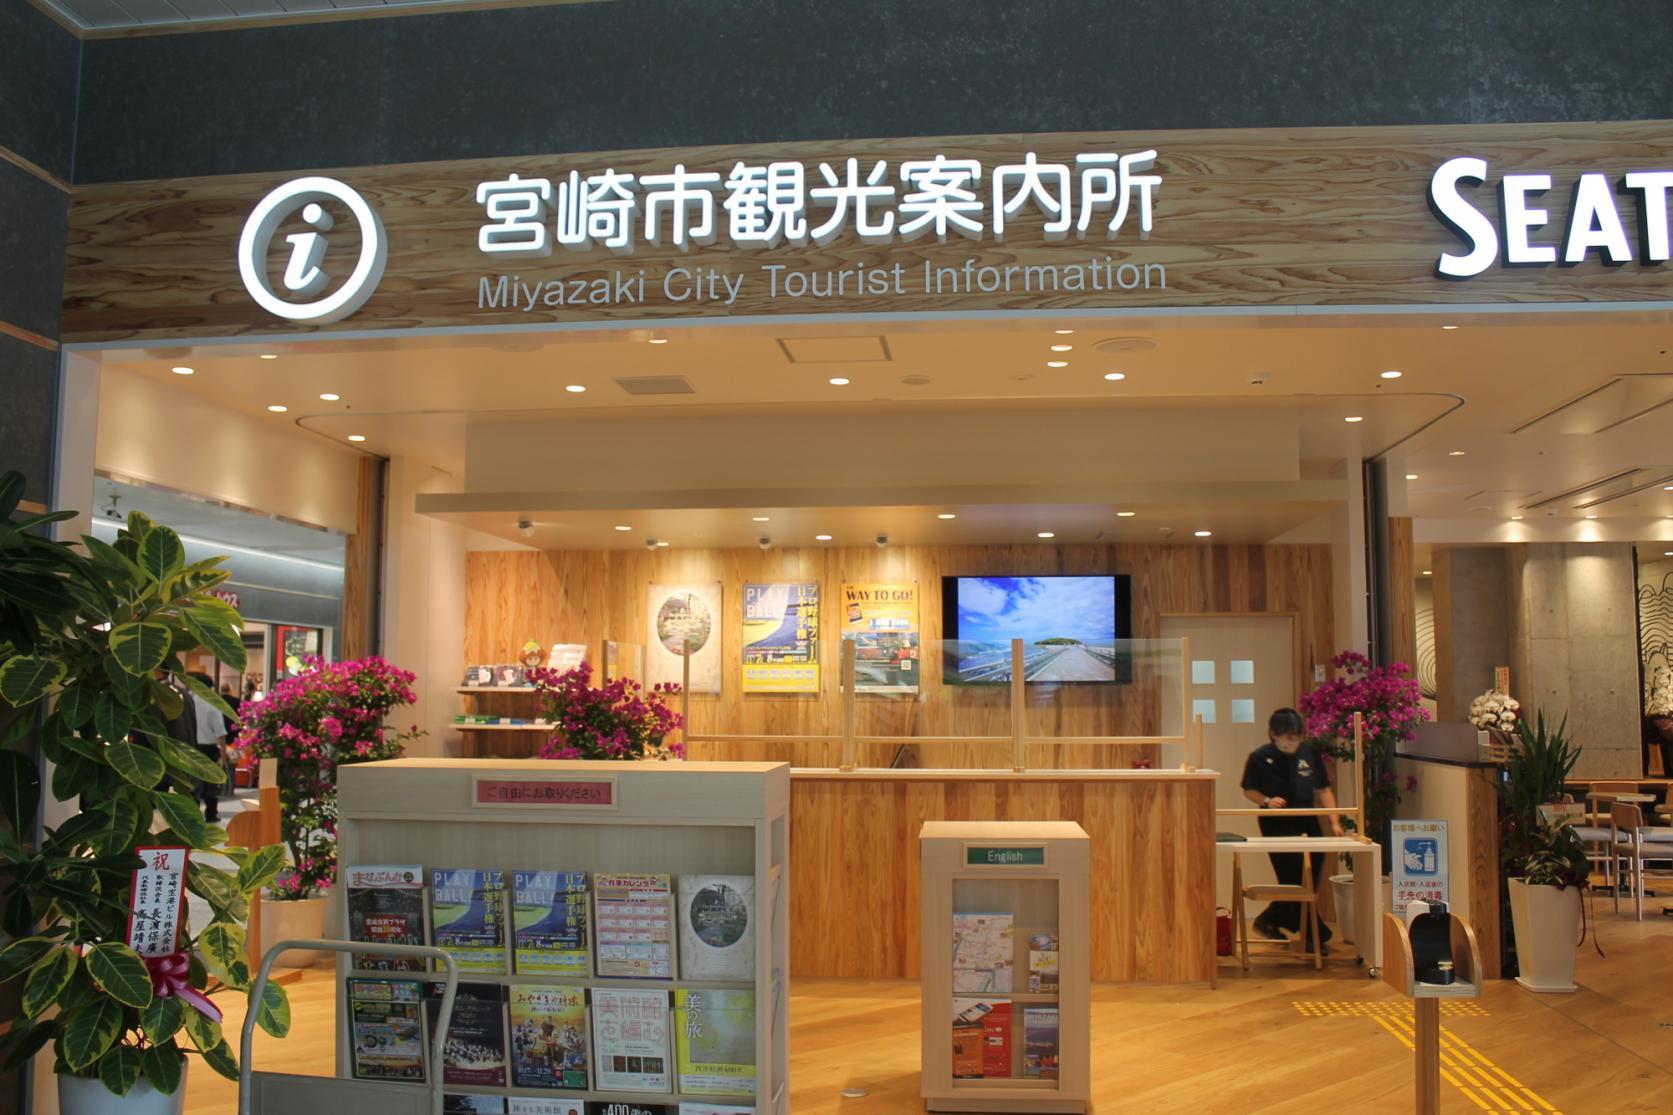 宮崎市観光案内所がリニューアルオープンしました。-1